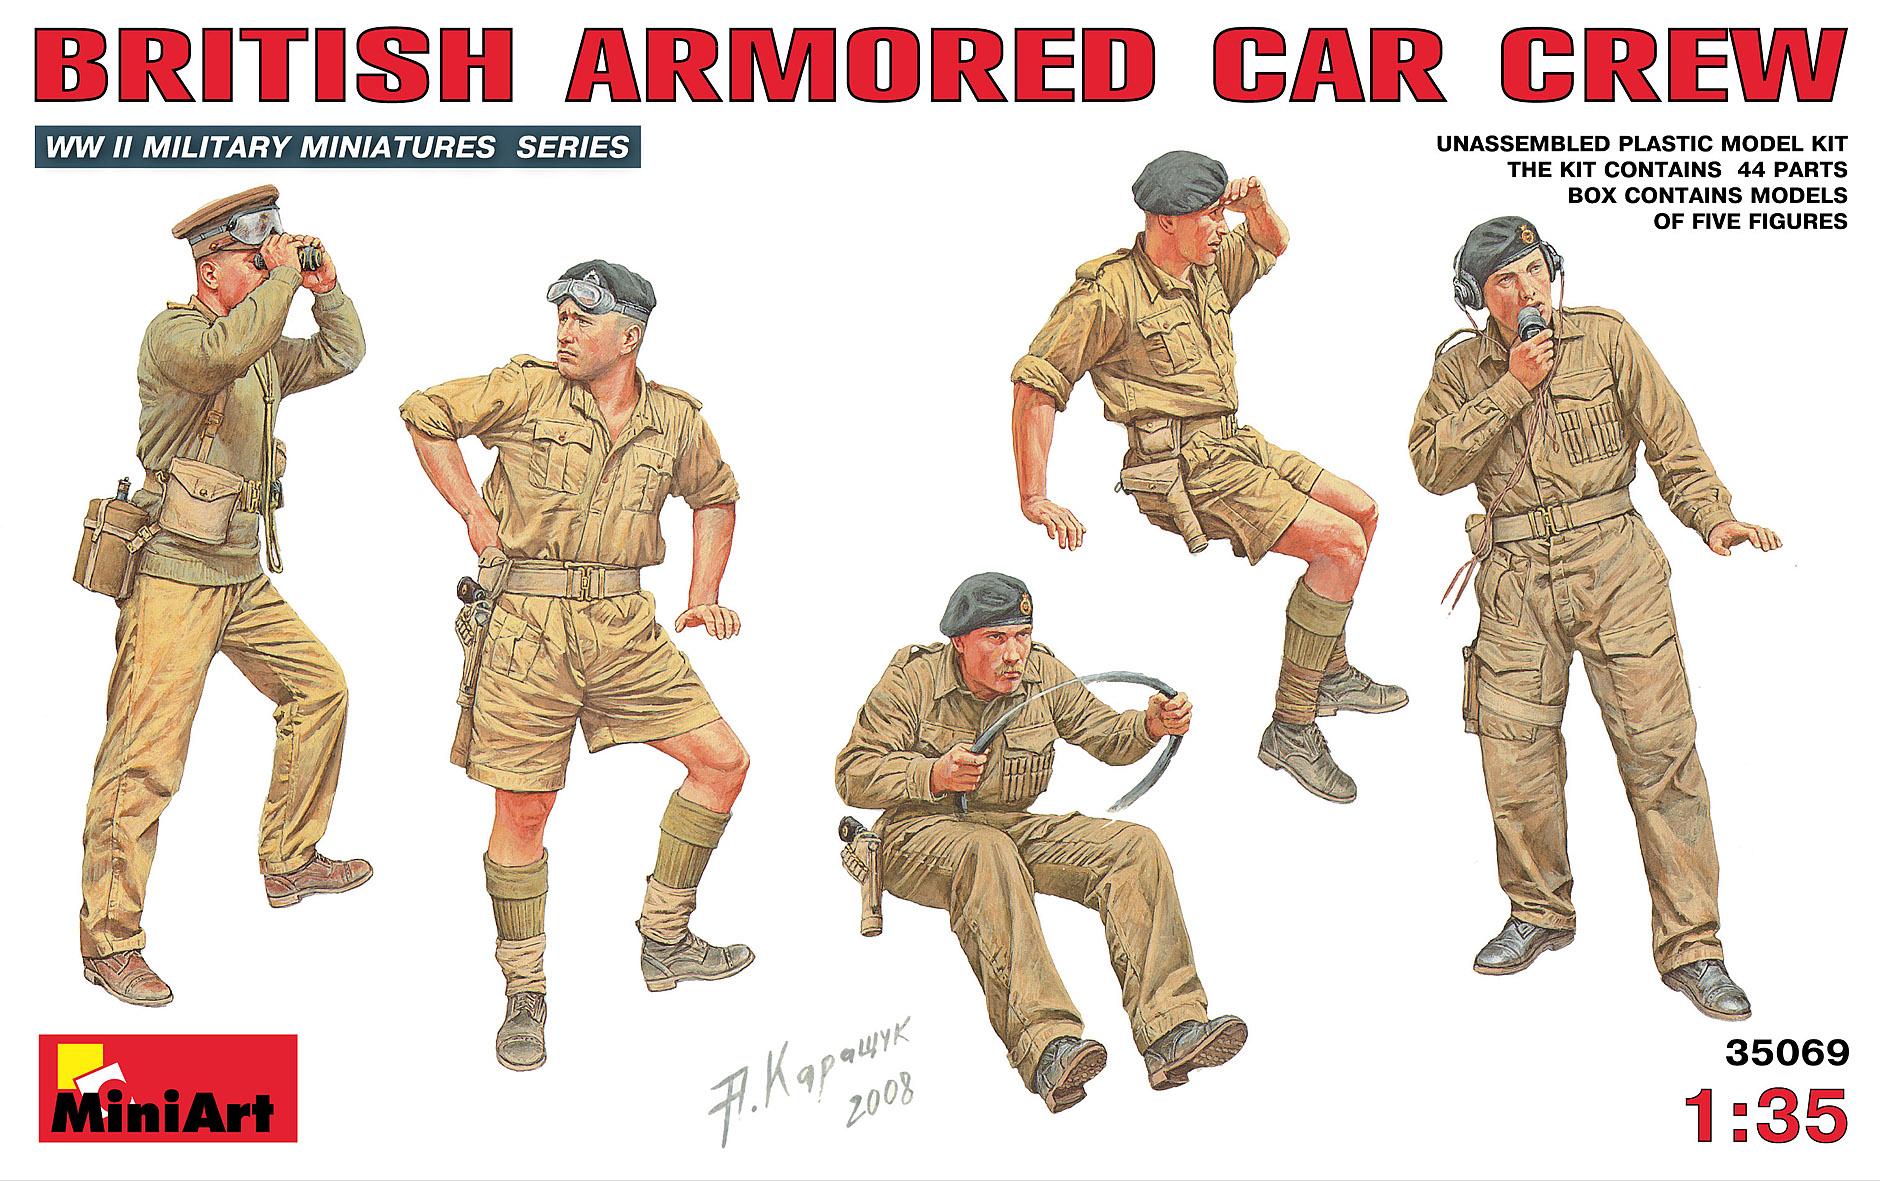 35069 英军装甲车/防弹车乘员组